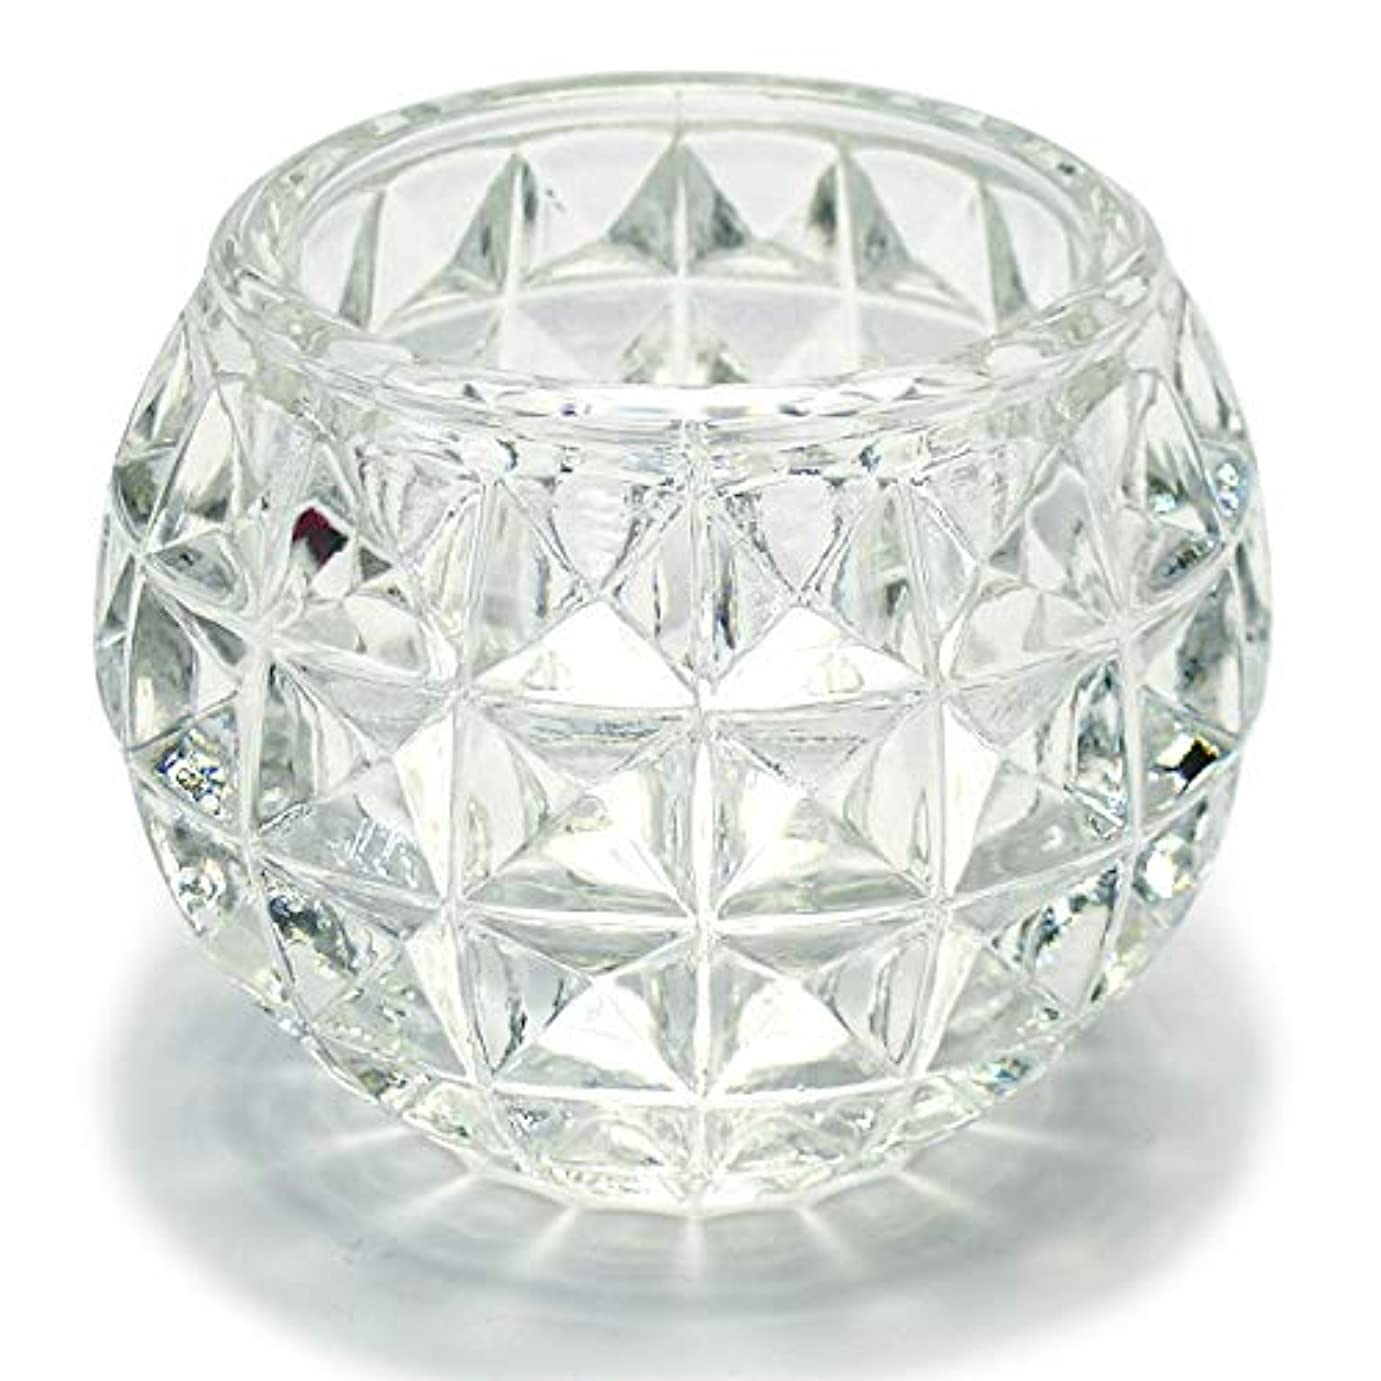 傾向がある頬解決キャンドルホルダー ガラス 5 キャンドルスタンド クリスマス ティーキャンドル 誕生日 記念日